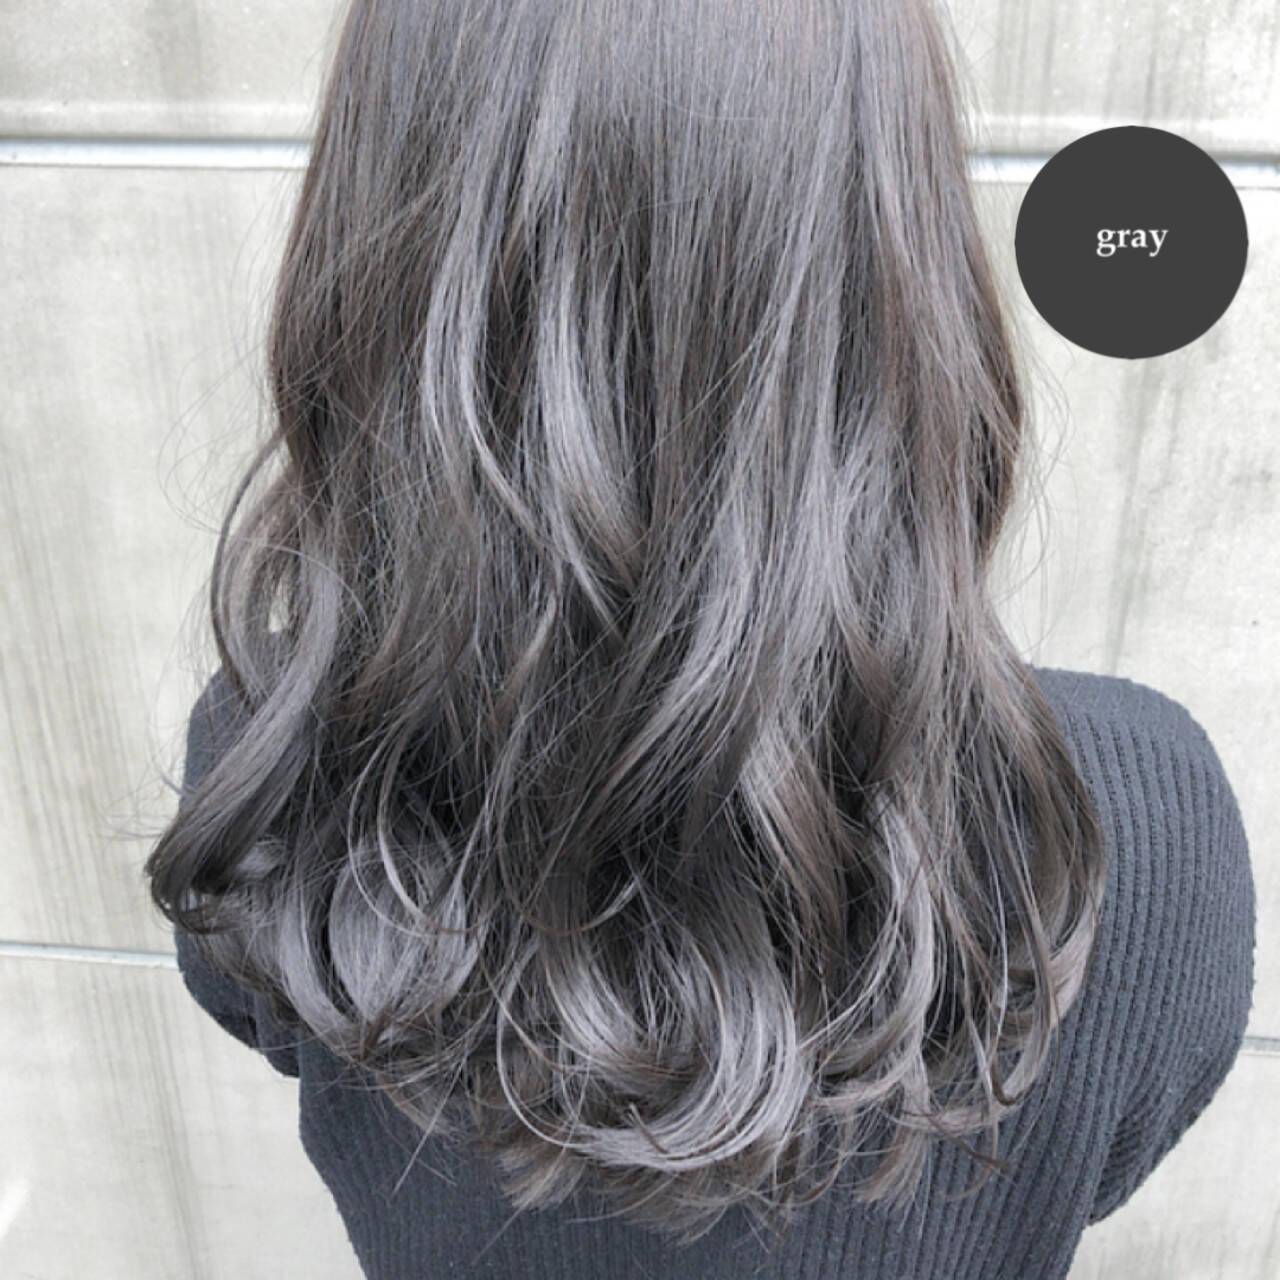 ナチュラル ウルフカット インナーカラー ショートボブヘアスタイルや髪型の写真・画像